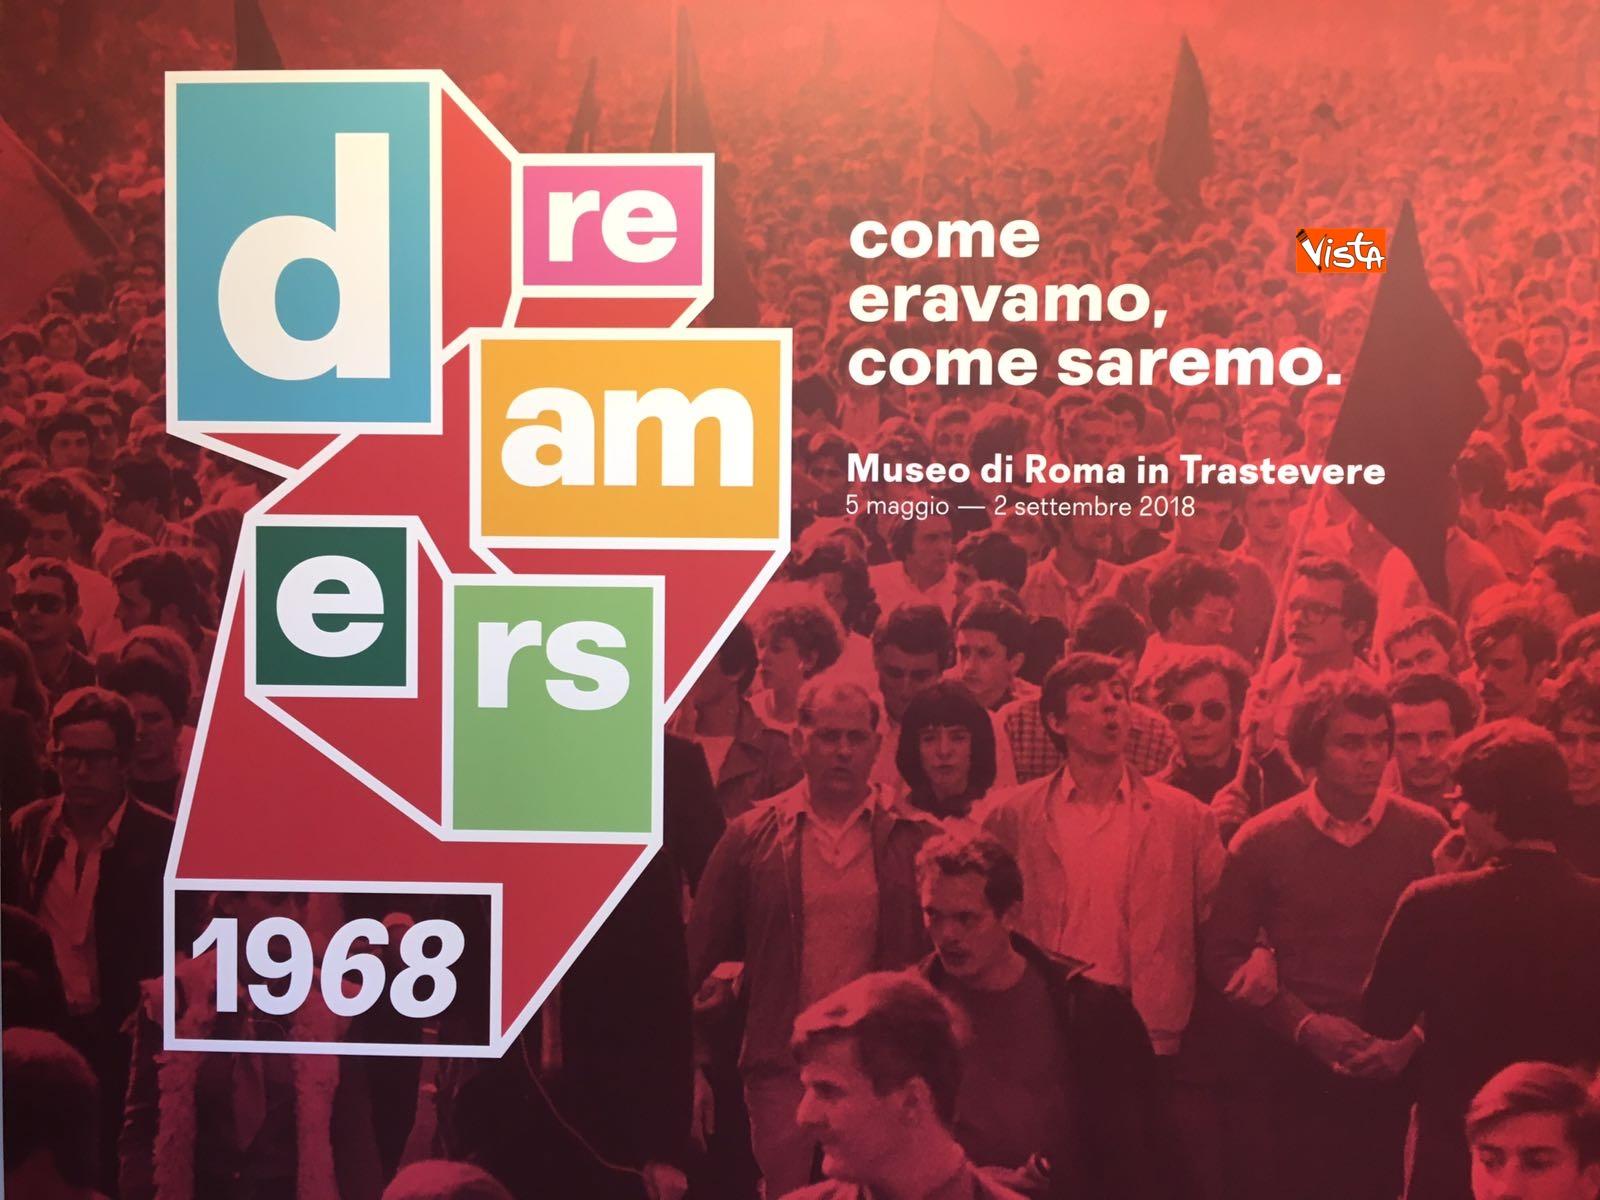 04-05-18 Dreamers1968 Le immagini della mostra organizzata dall AGI_25